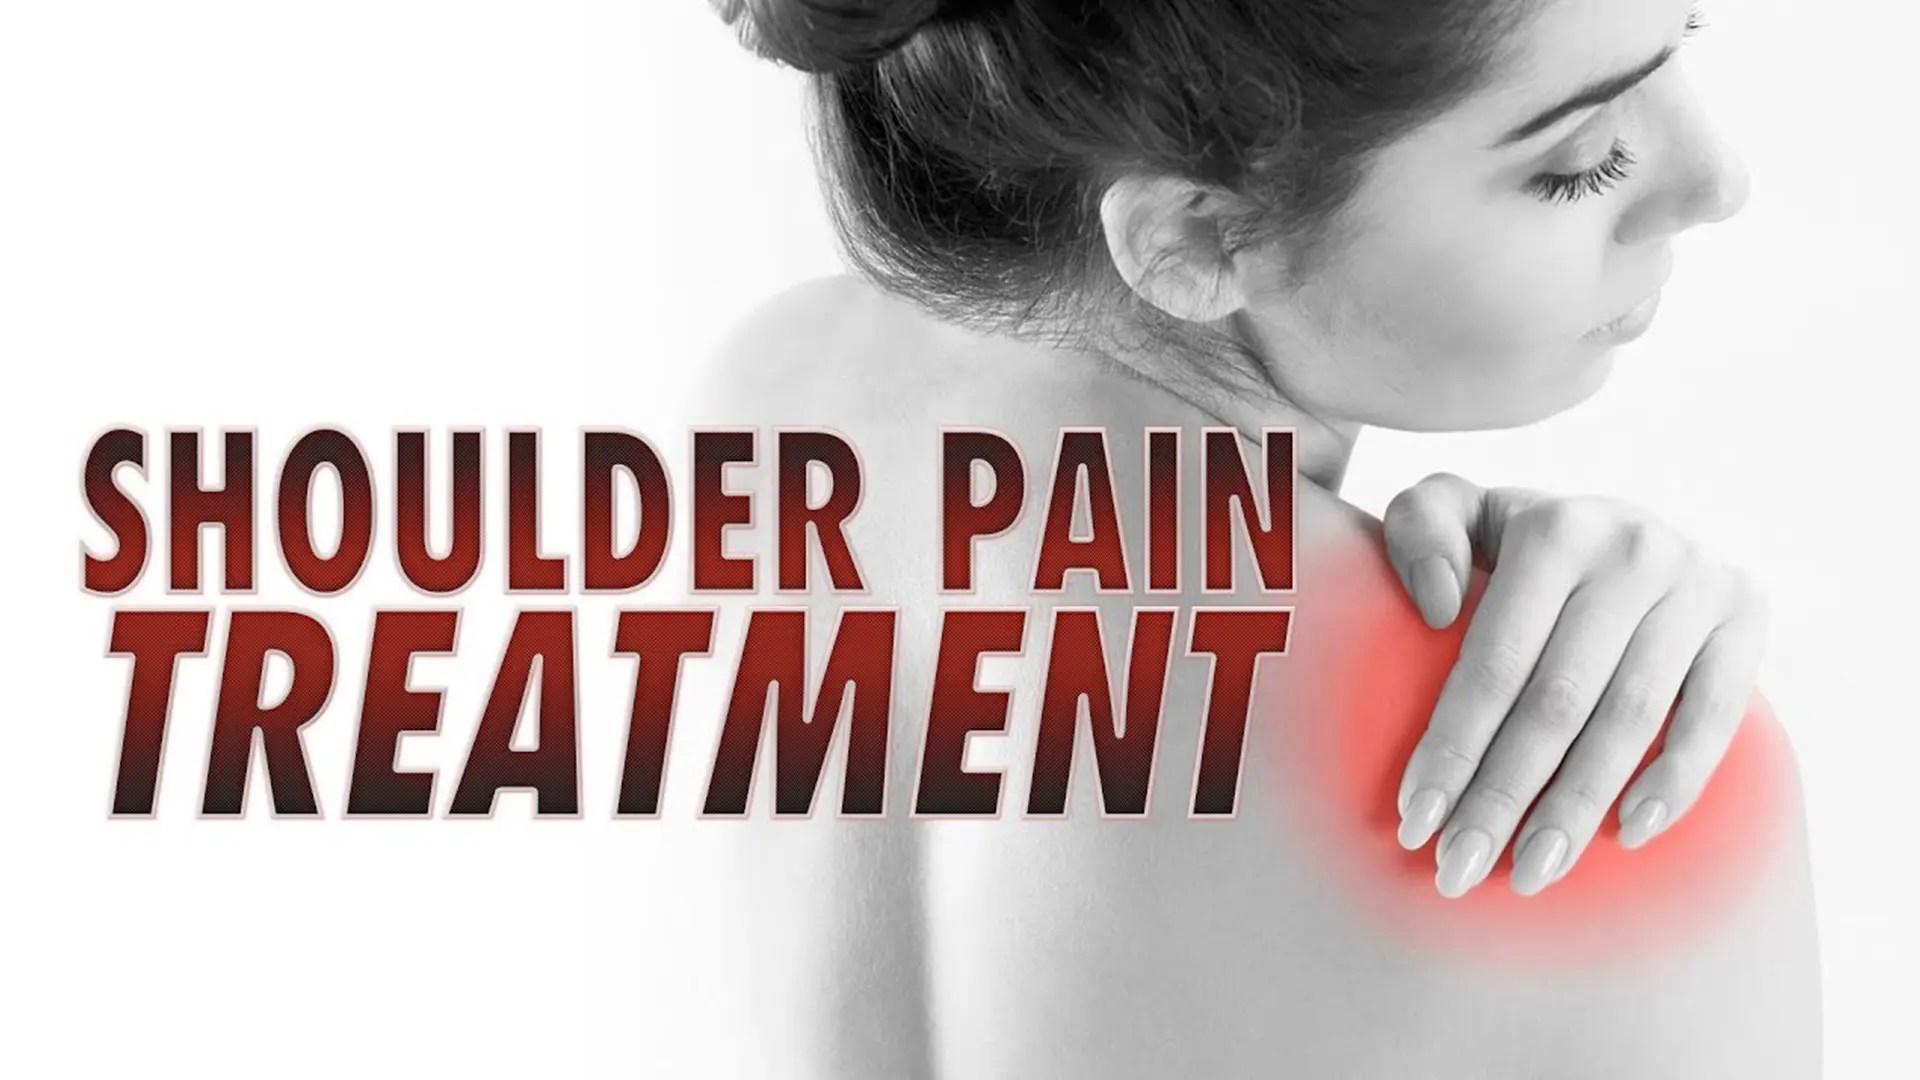 váll fájdalomkezelés sérülés után